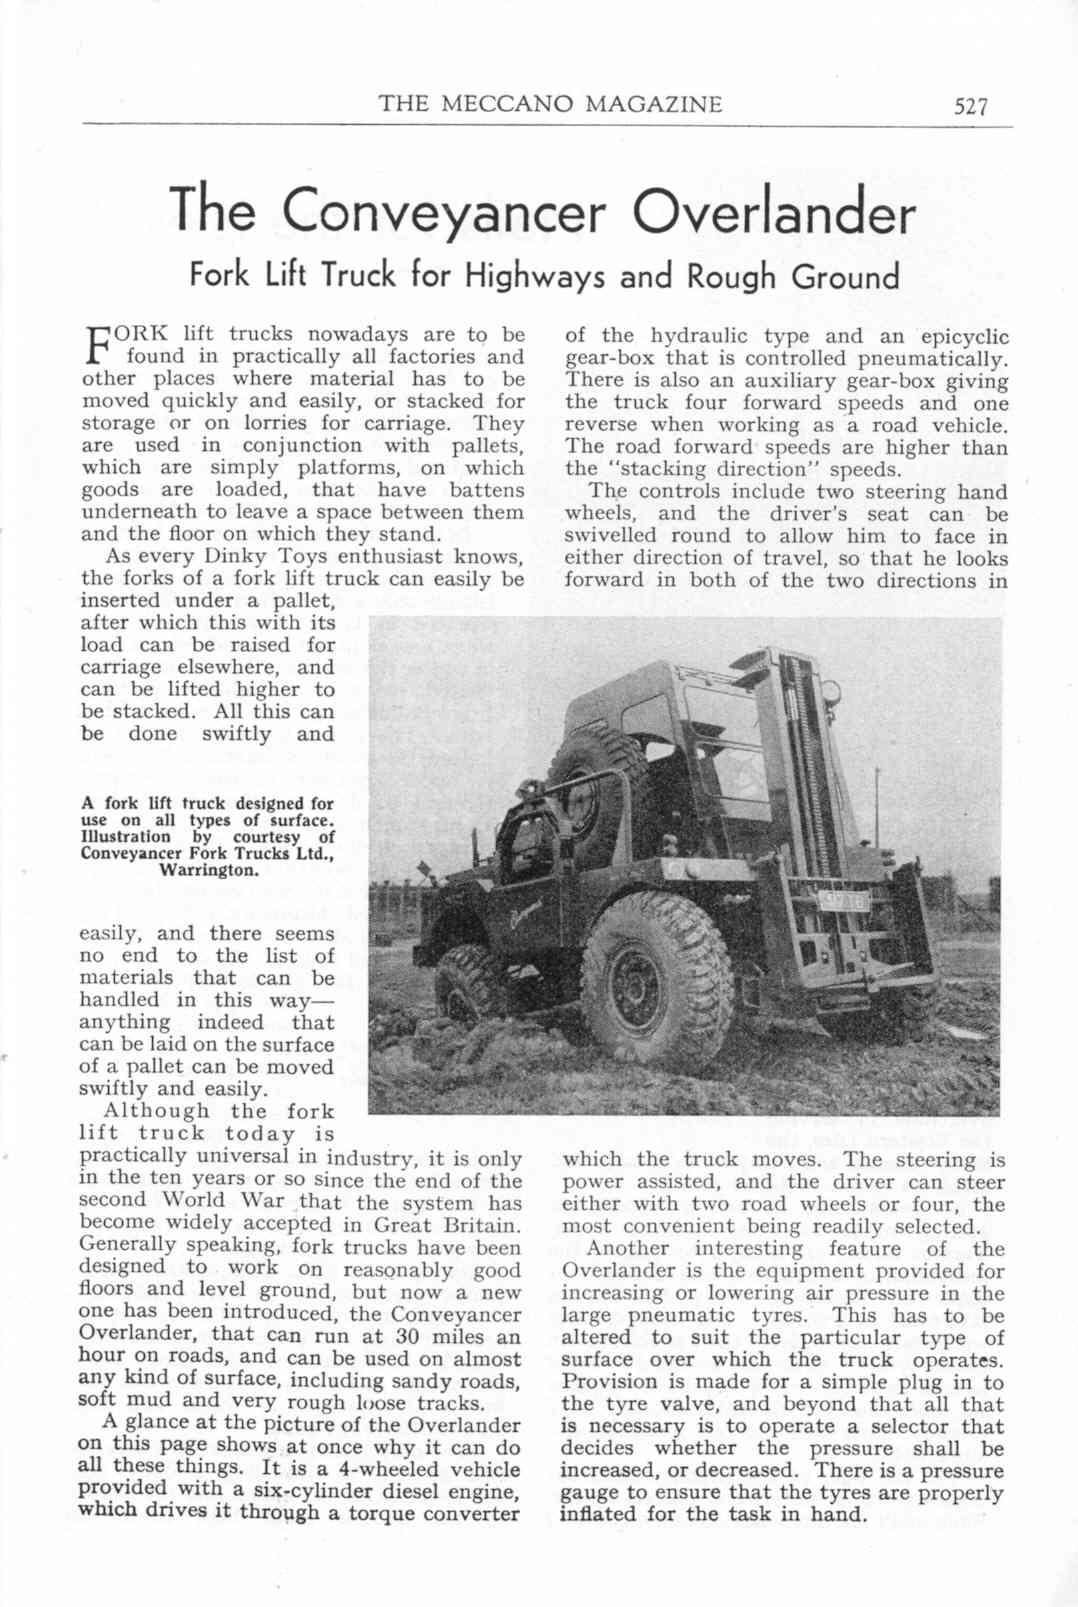 UK Meccano Magazine October 1955 Page 527